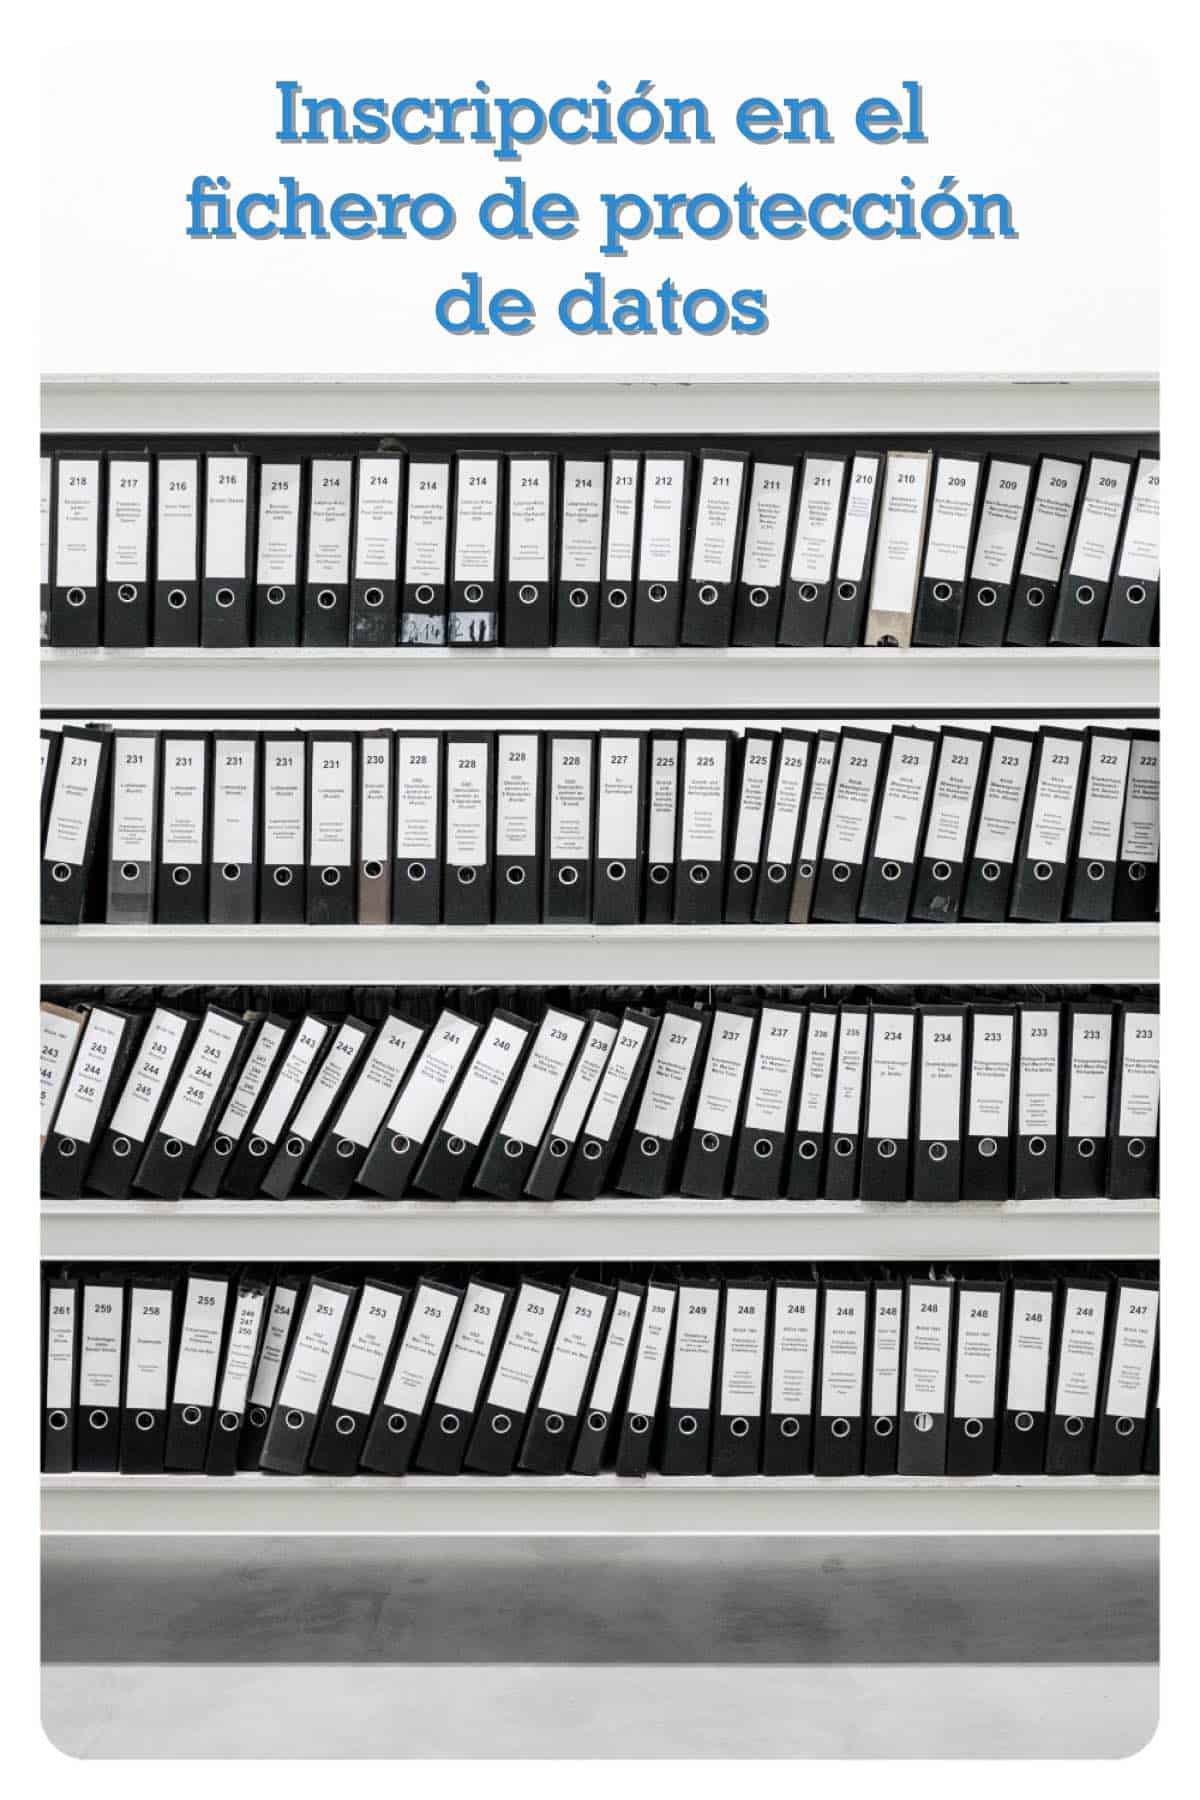 Inscripción protección de datos